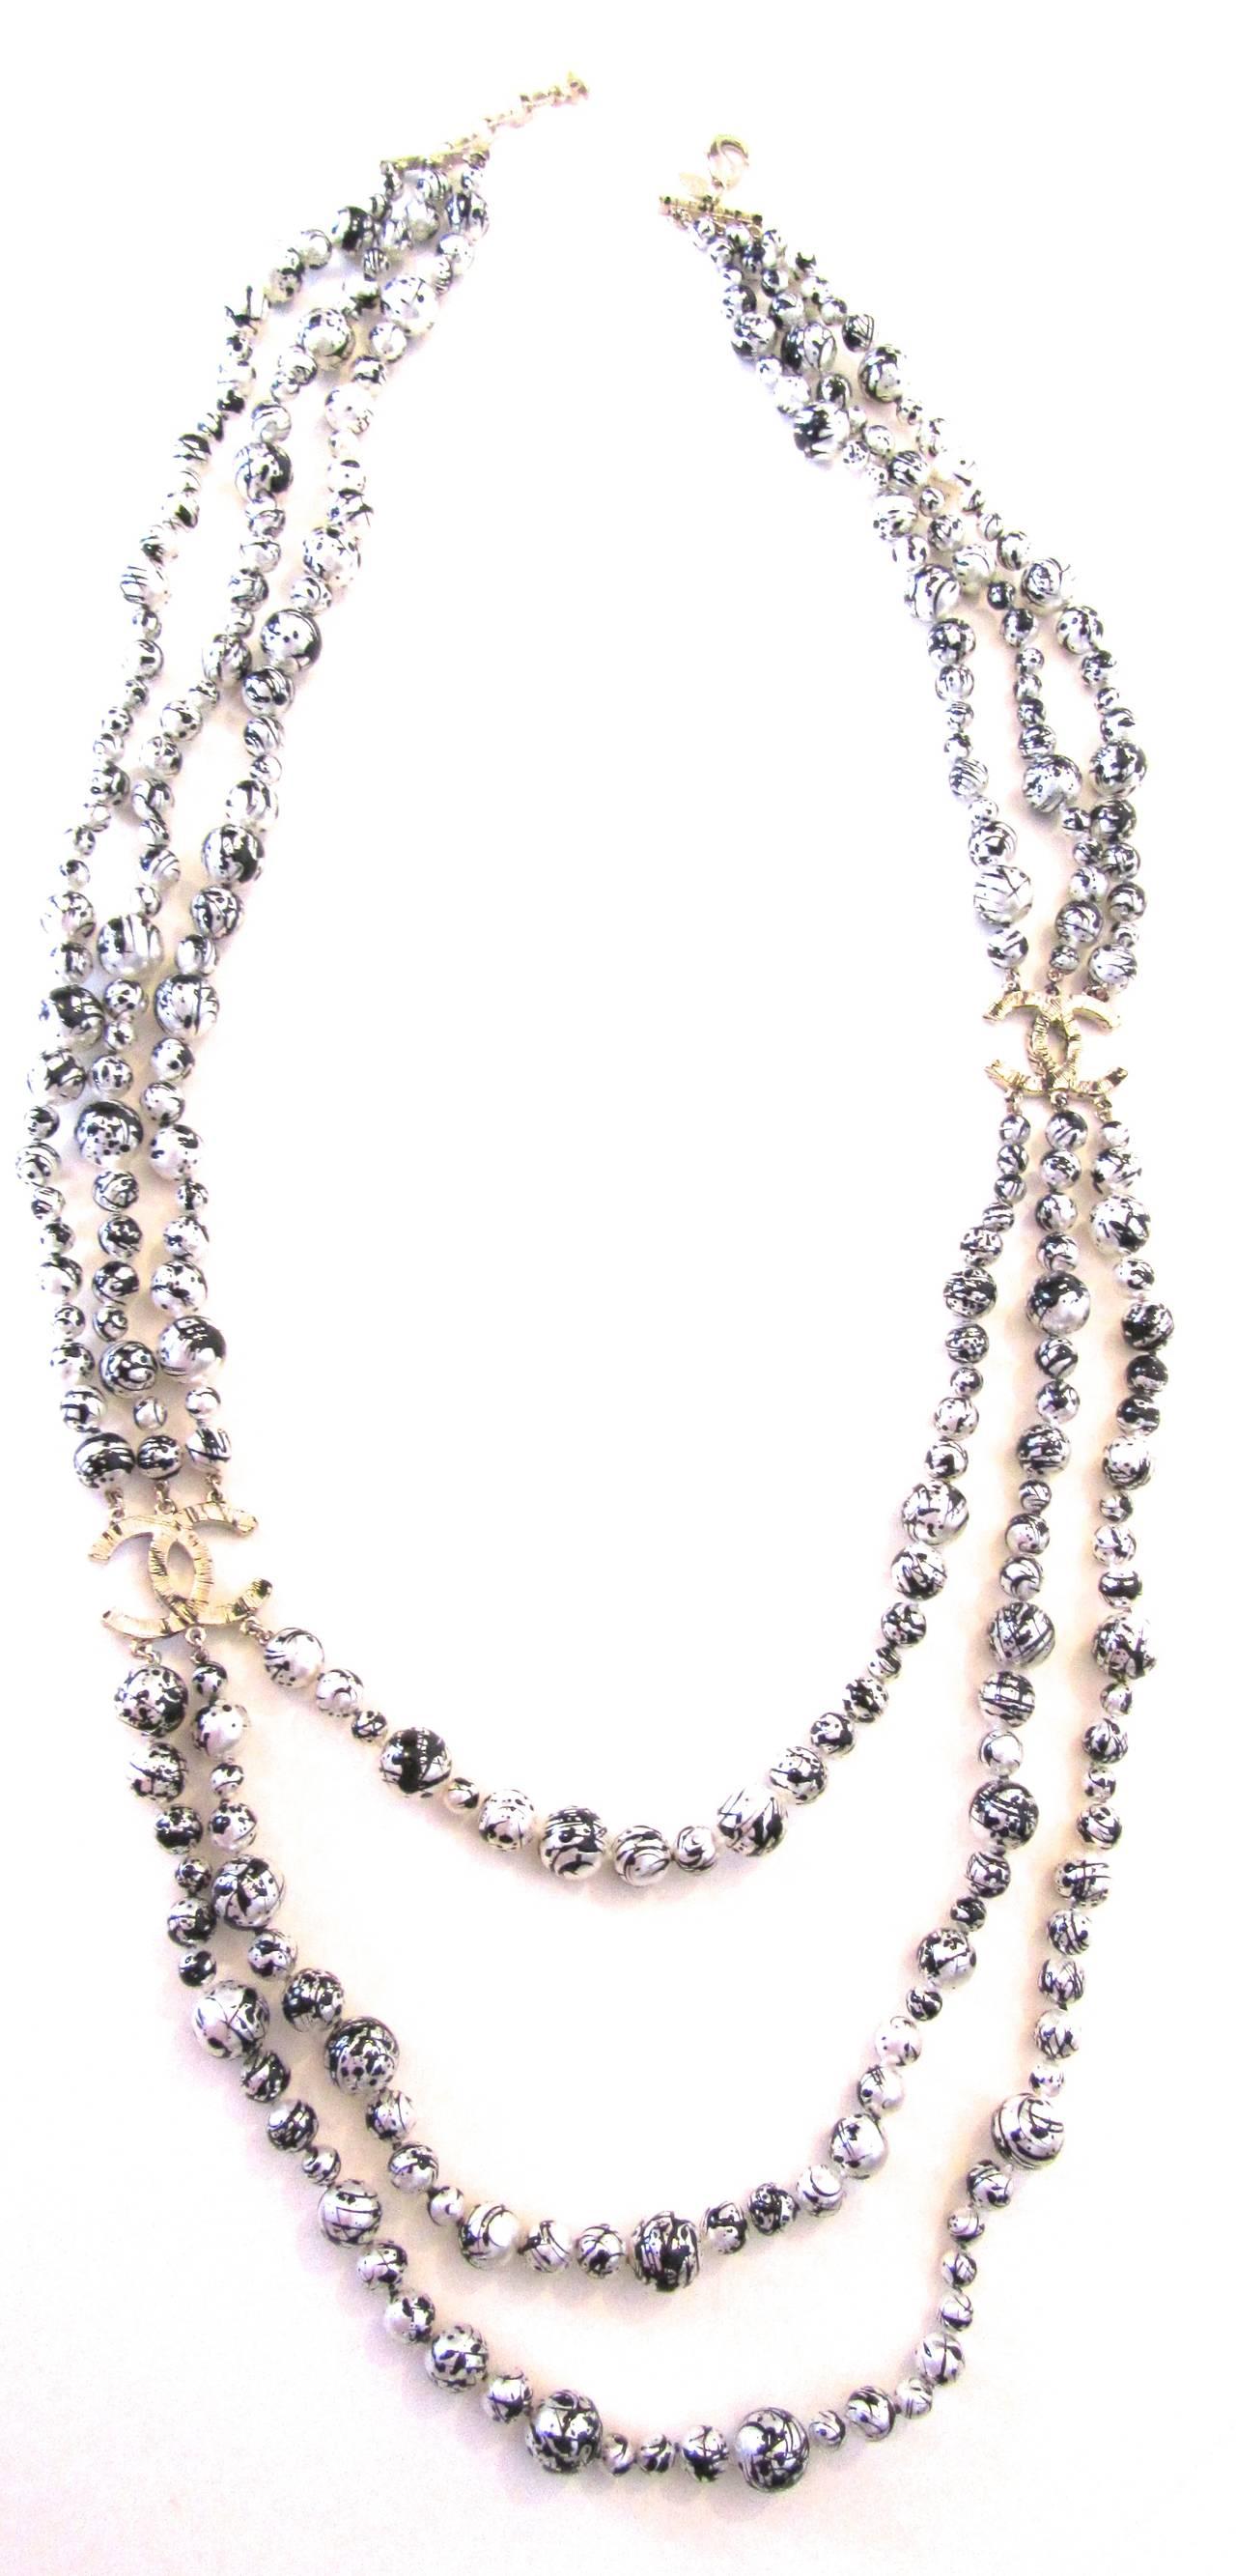 Chanel Necklace  Rare Pearl Graffiti Triple Strand  Cc Logos  Black And  White 3